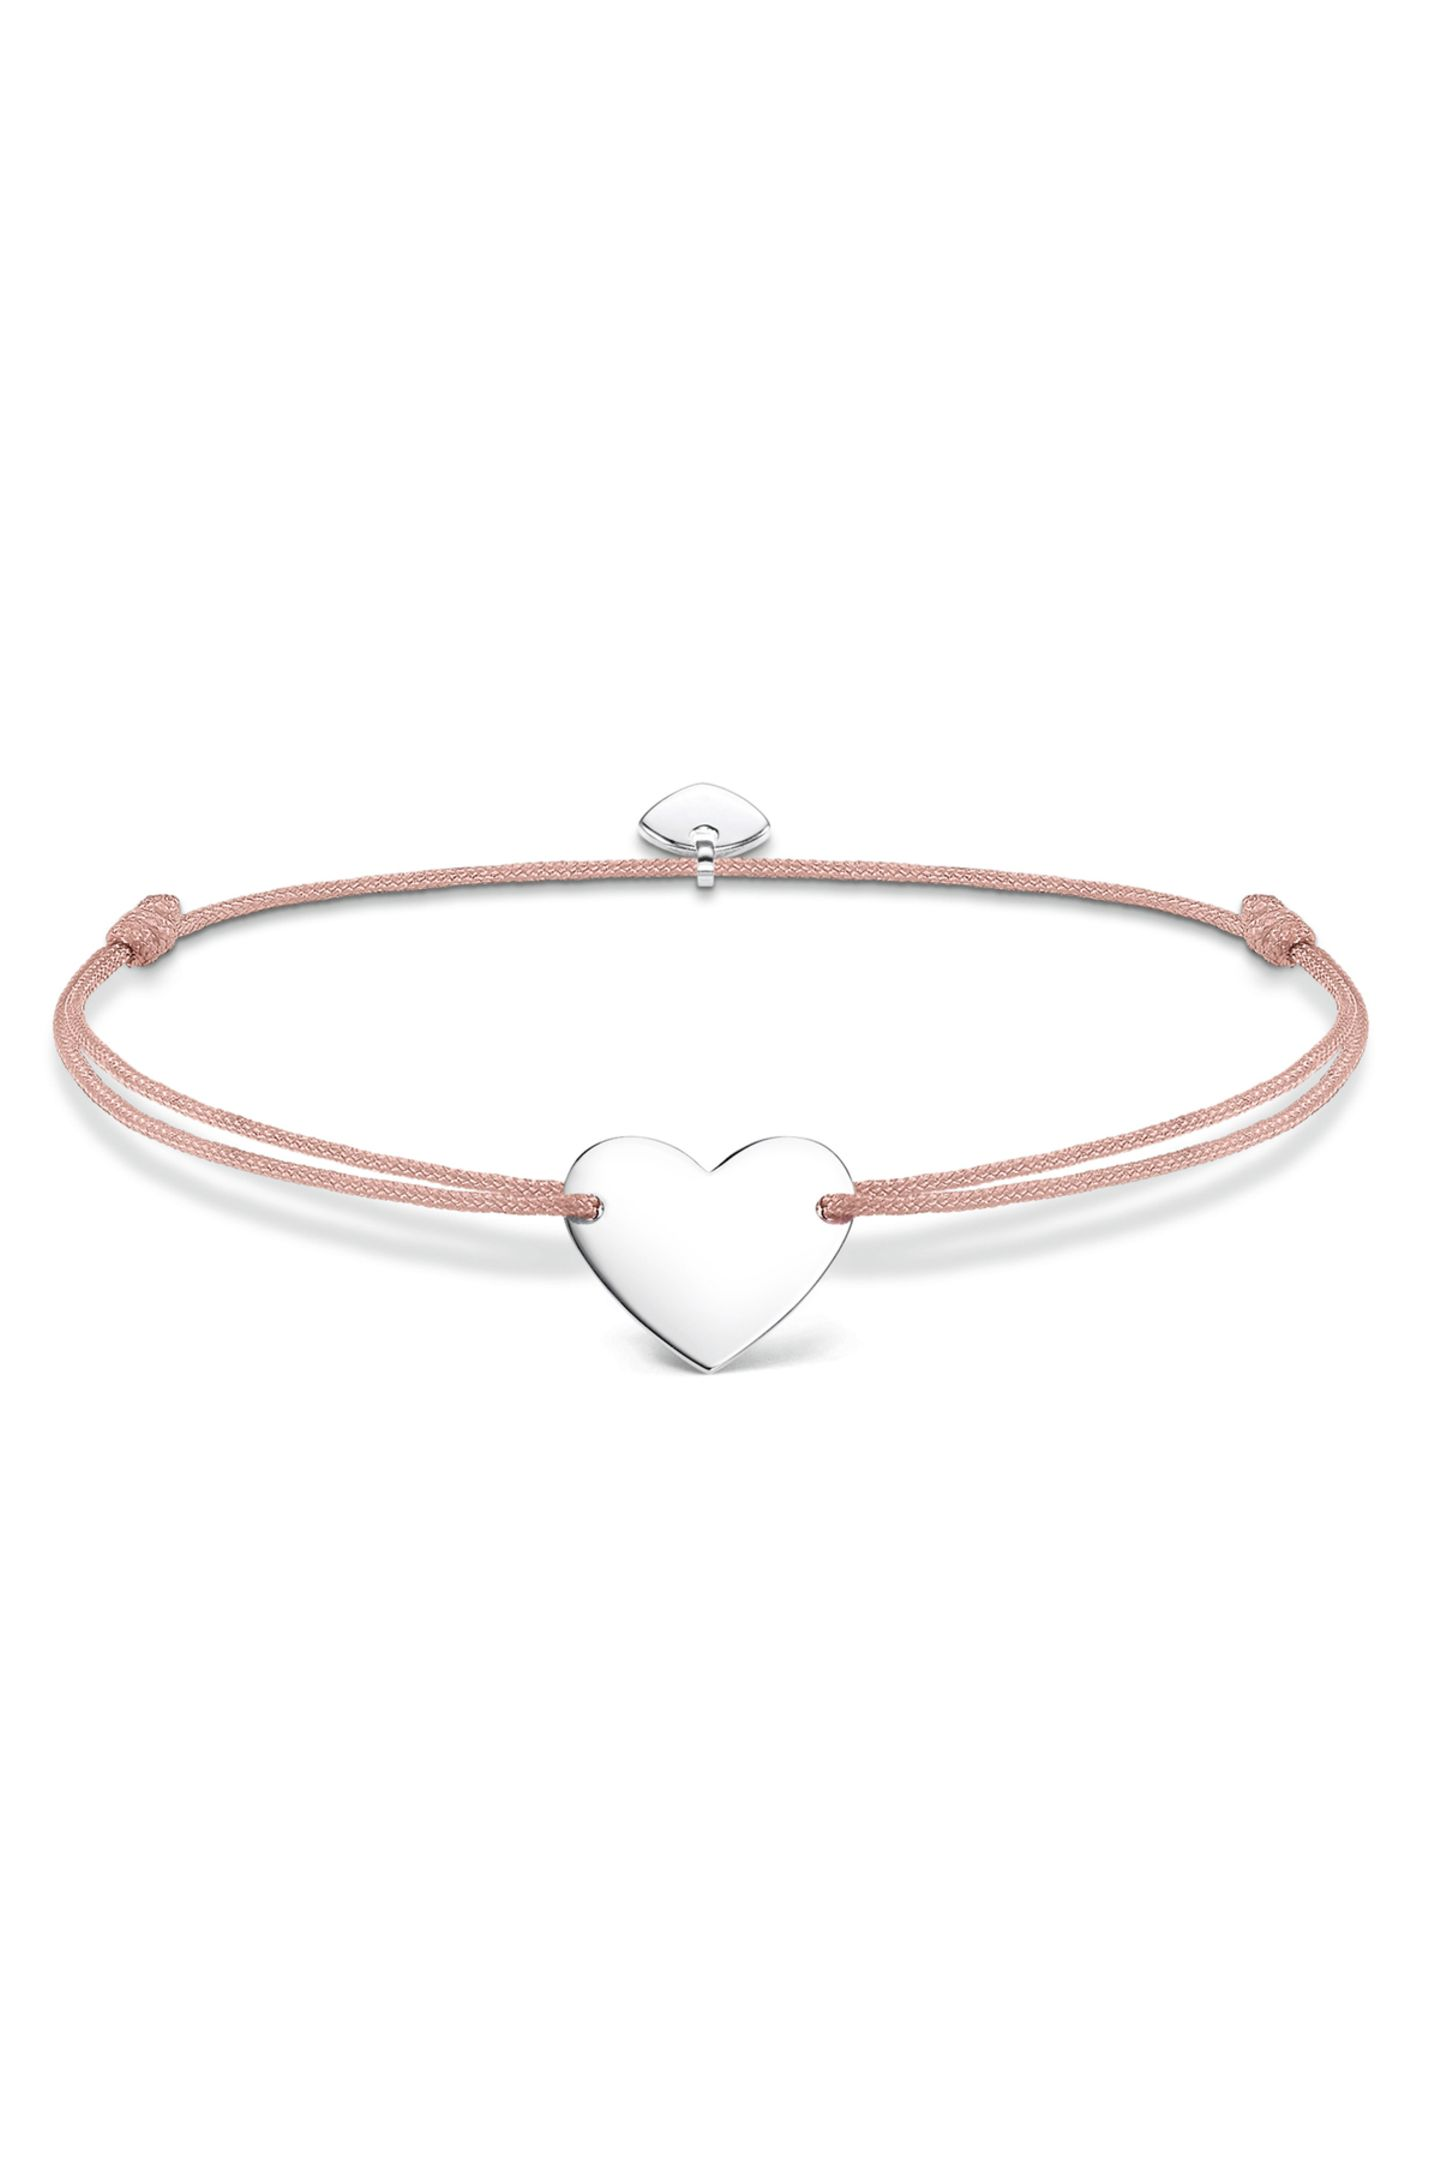 Show your love: Dieses Armband von Thomas Sabo mit Herz-Anhänger ist das perfekte Geschenk für Ihre Liebsten. Auf Wunsch lässt sich das Herz auch gravieren. Ca. 39 Euro.